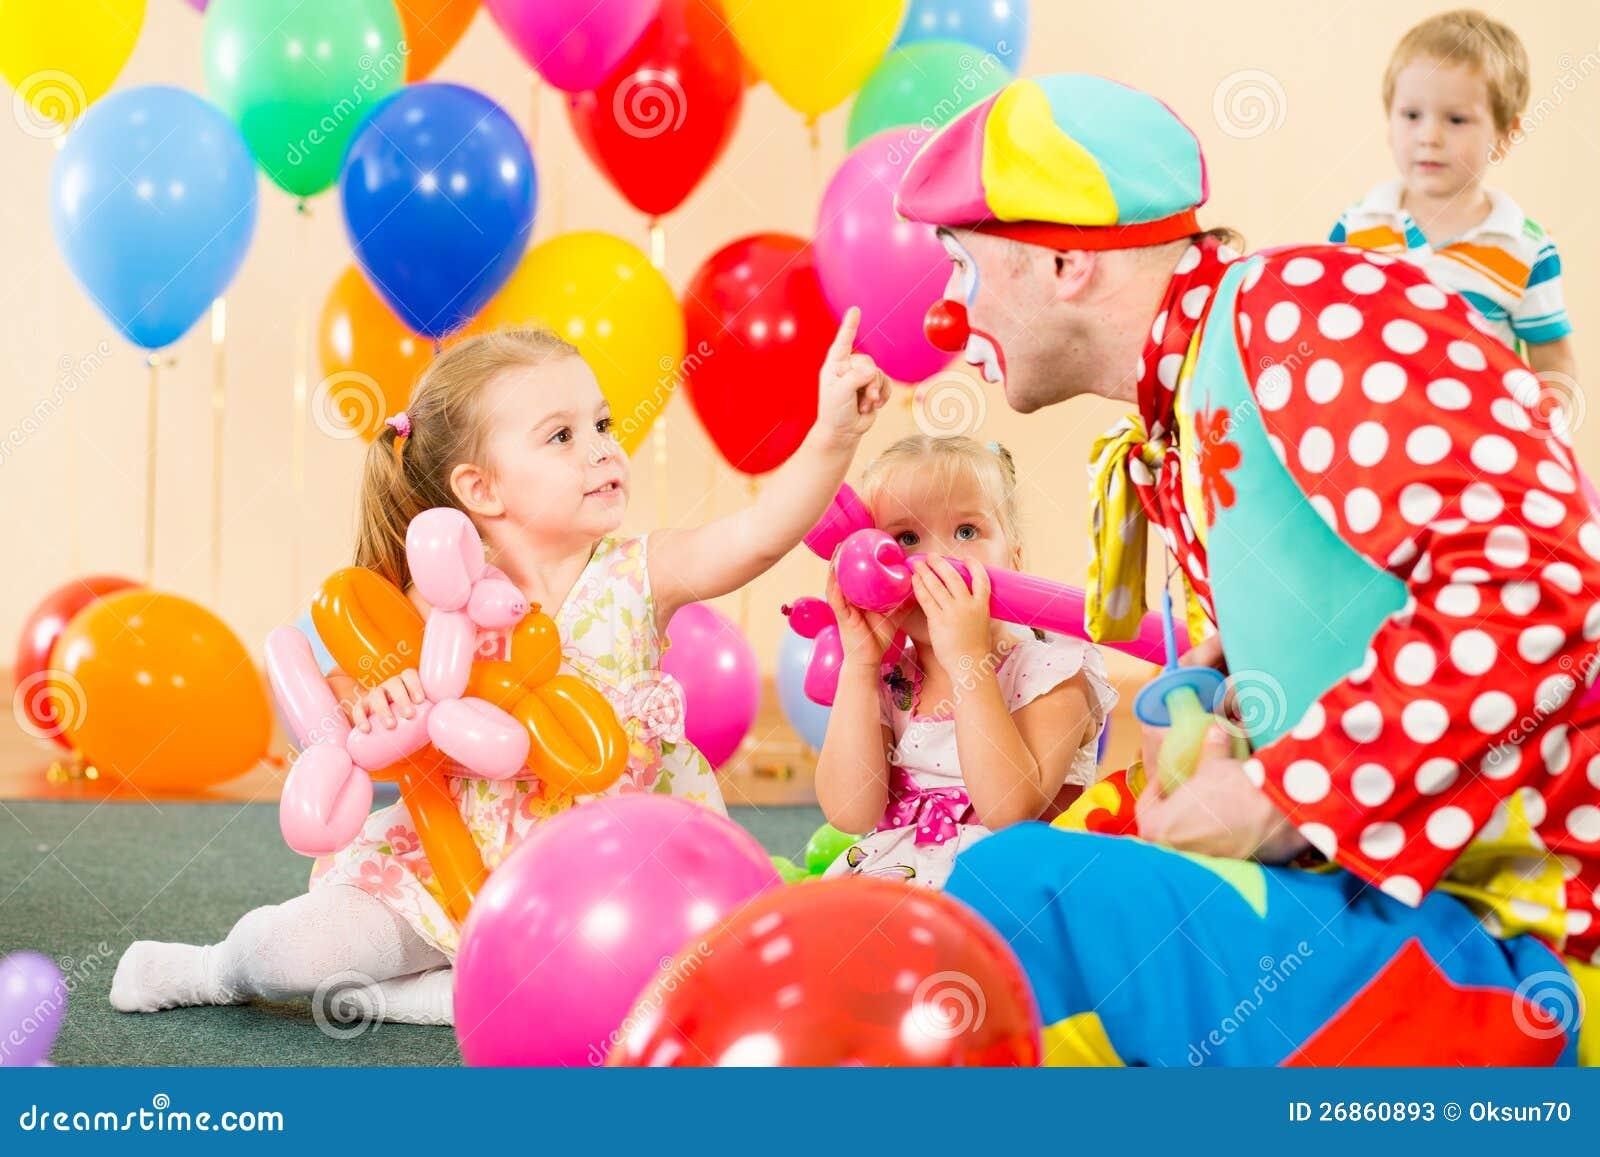 Ni os felices con el payaso en fiesta de cumplea os fotos - Imagenes de fiestas de cumpleanos ...